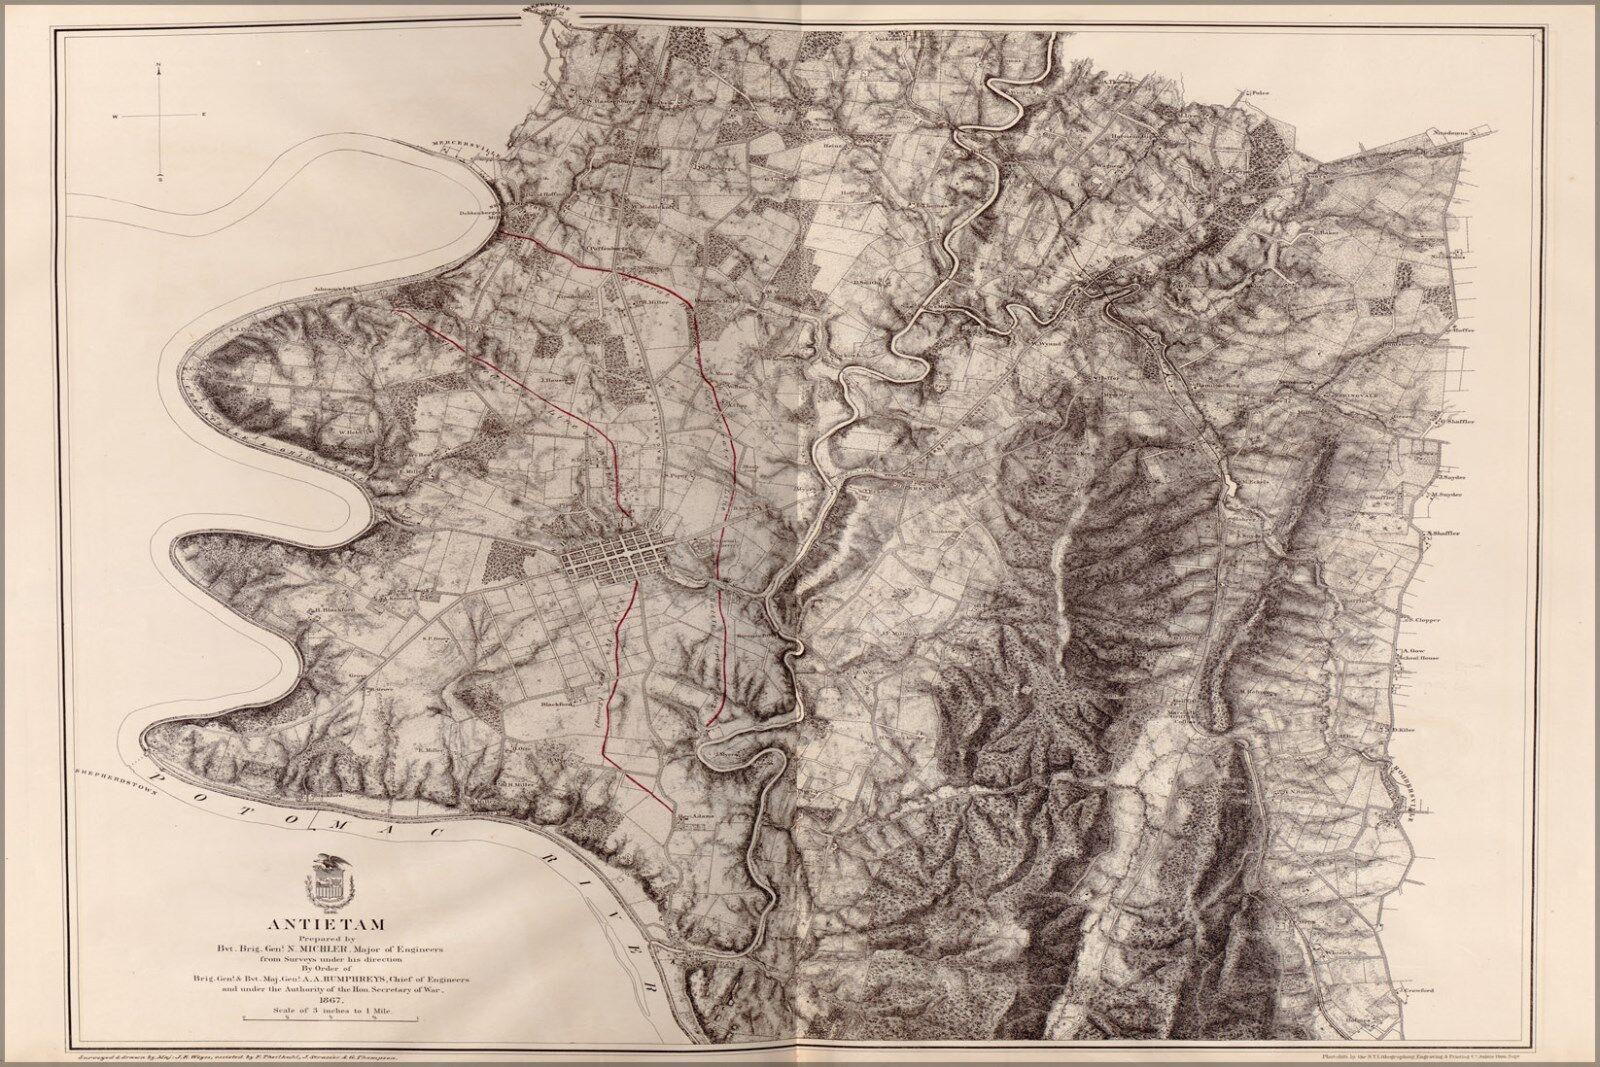 Plakat, Viele Größen; Karte von Antietam, Maryland 1867